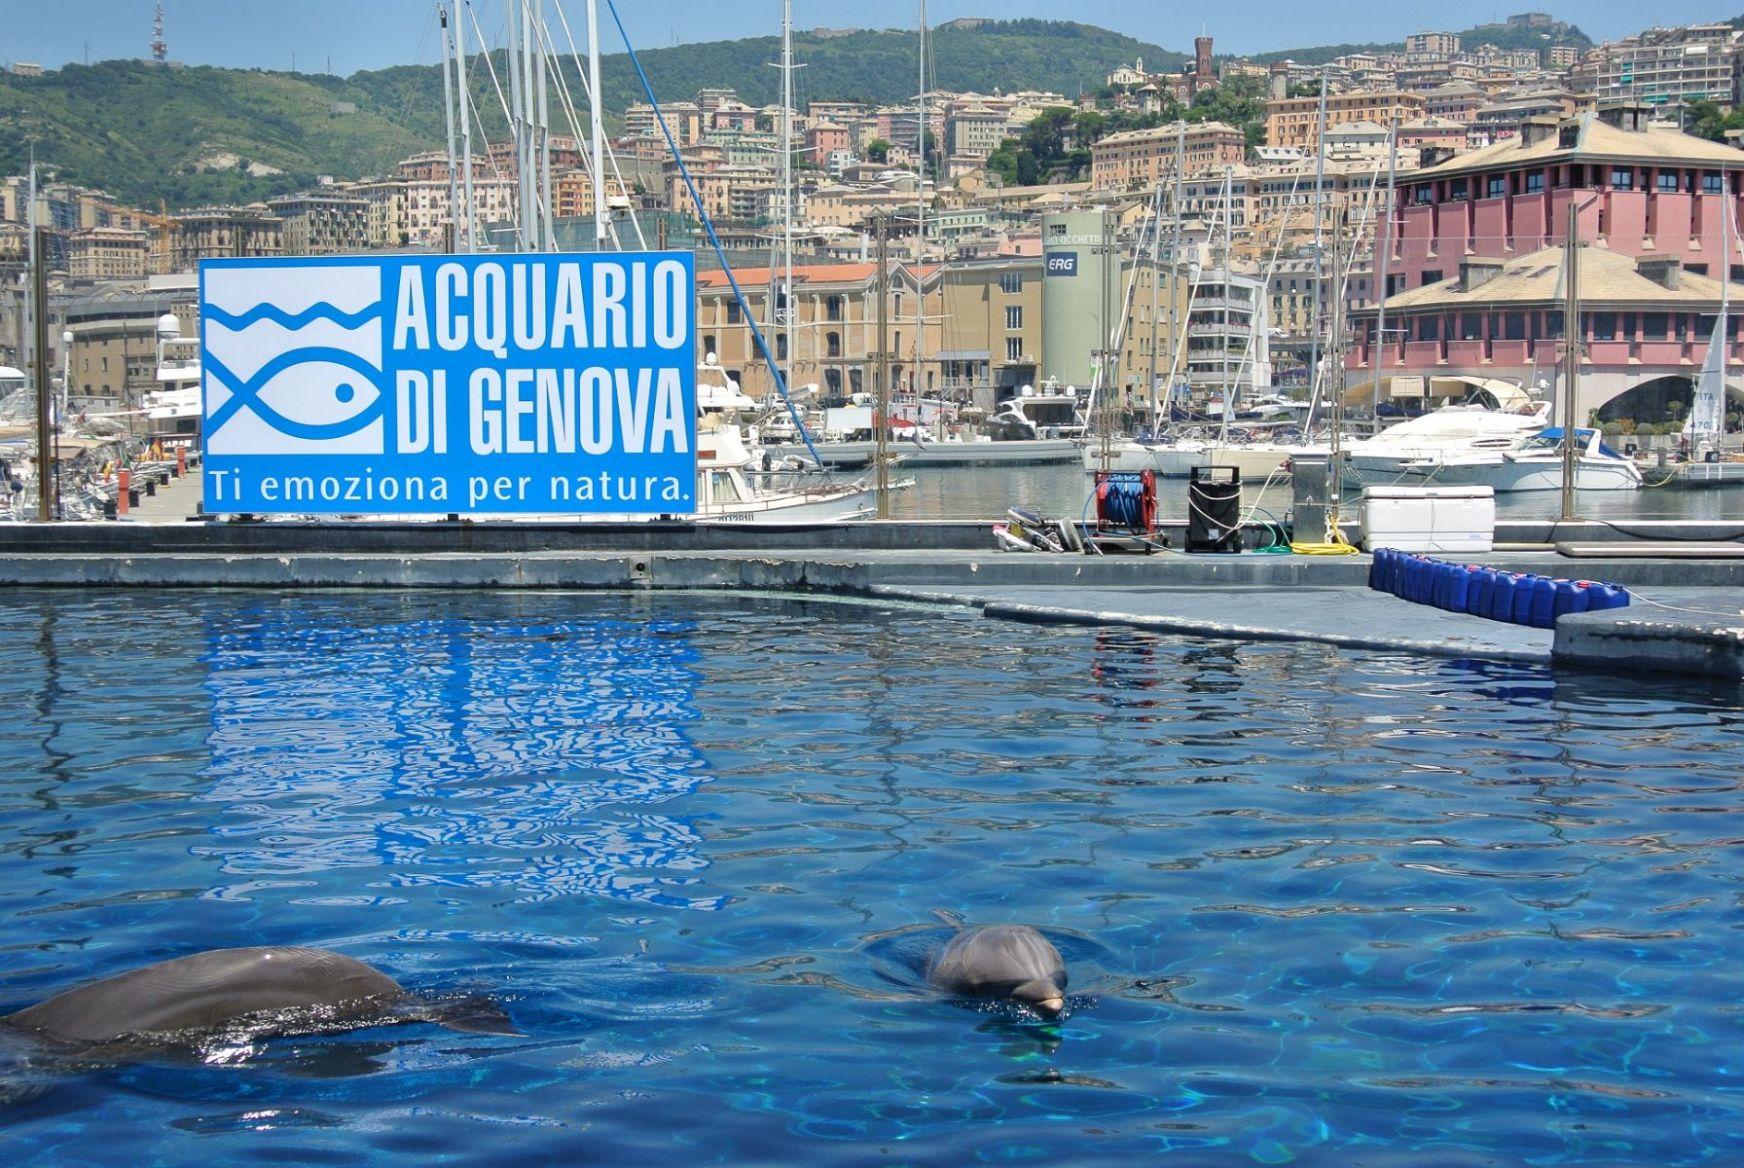 Delfini.thumb.JPG.4dcf5097e55f46f6eacae2